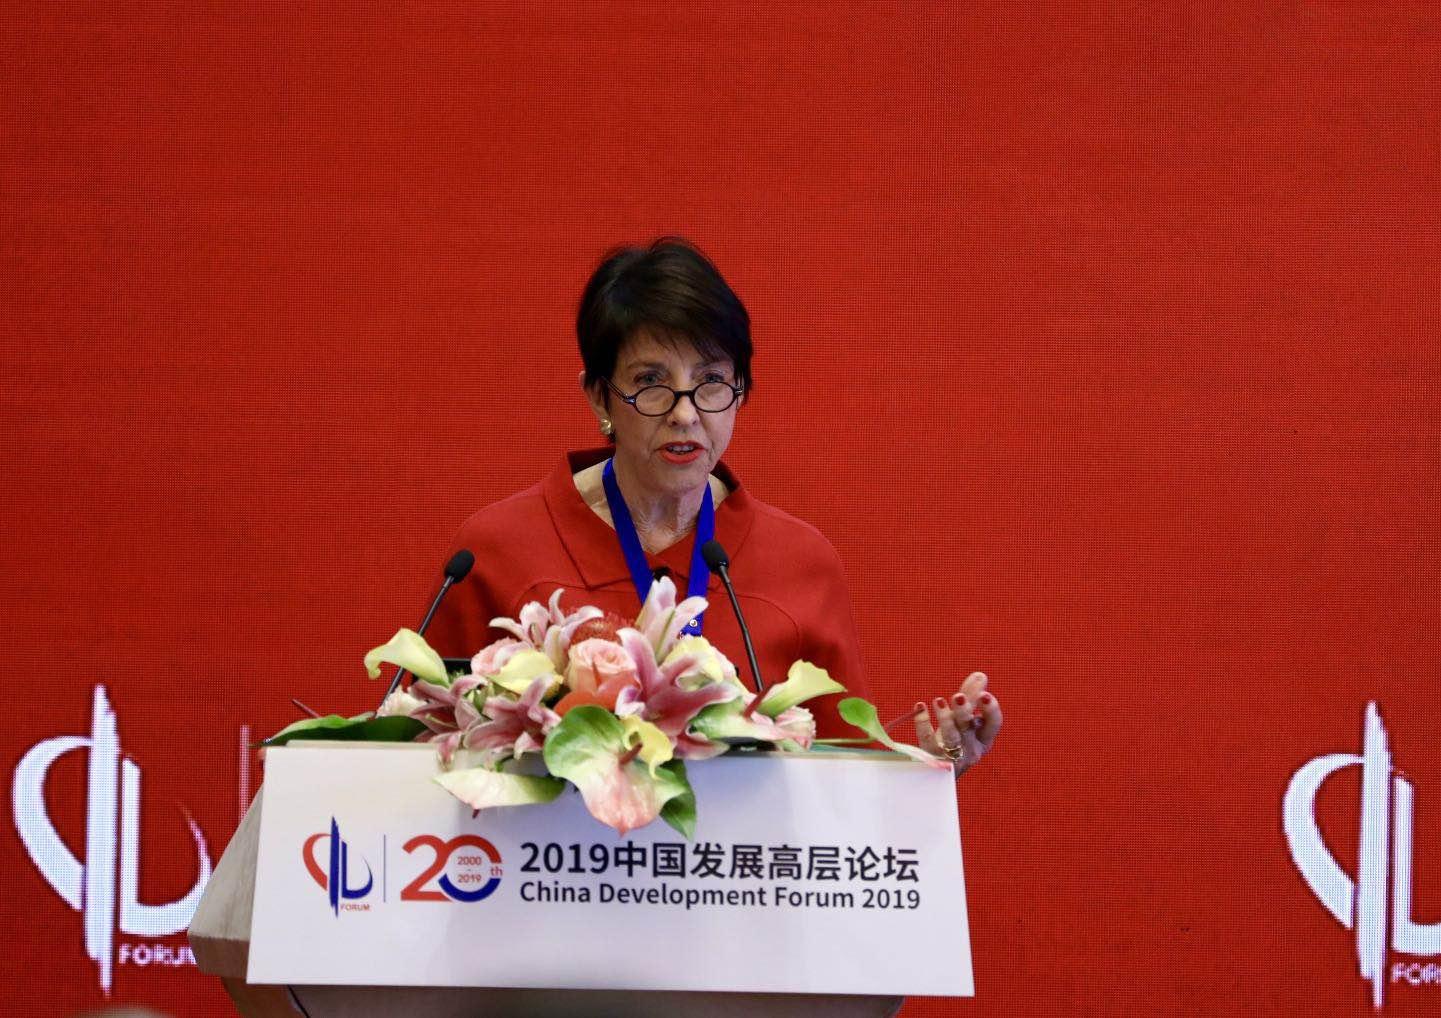 发言人:加州大学圣迭戈分校21世纪中国研究中心主任、美国前副助理国务卿谢淑丽